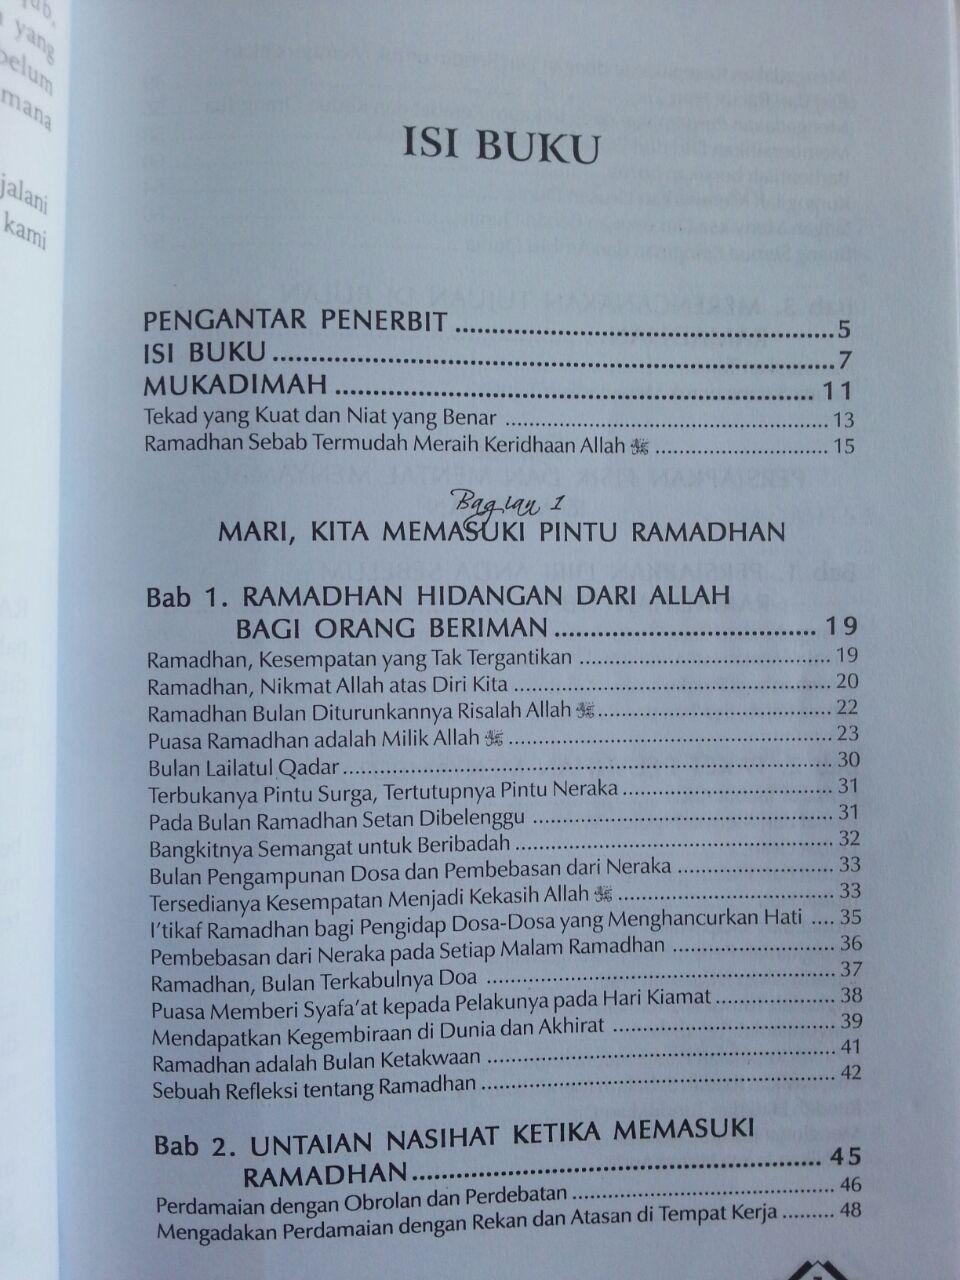 Buku Powerful Ramadhan Mengoptimalkan Amal Ramadhan isi 2